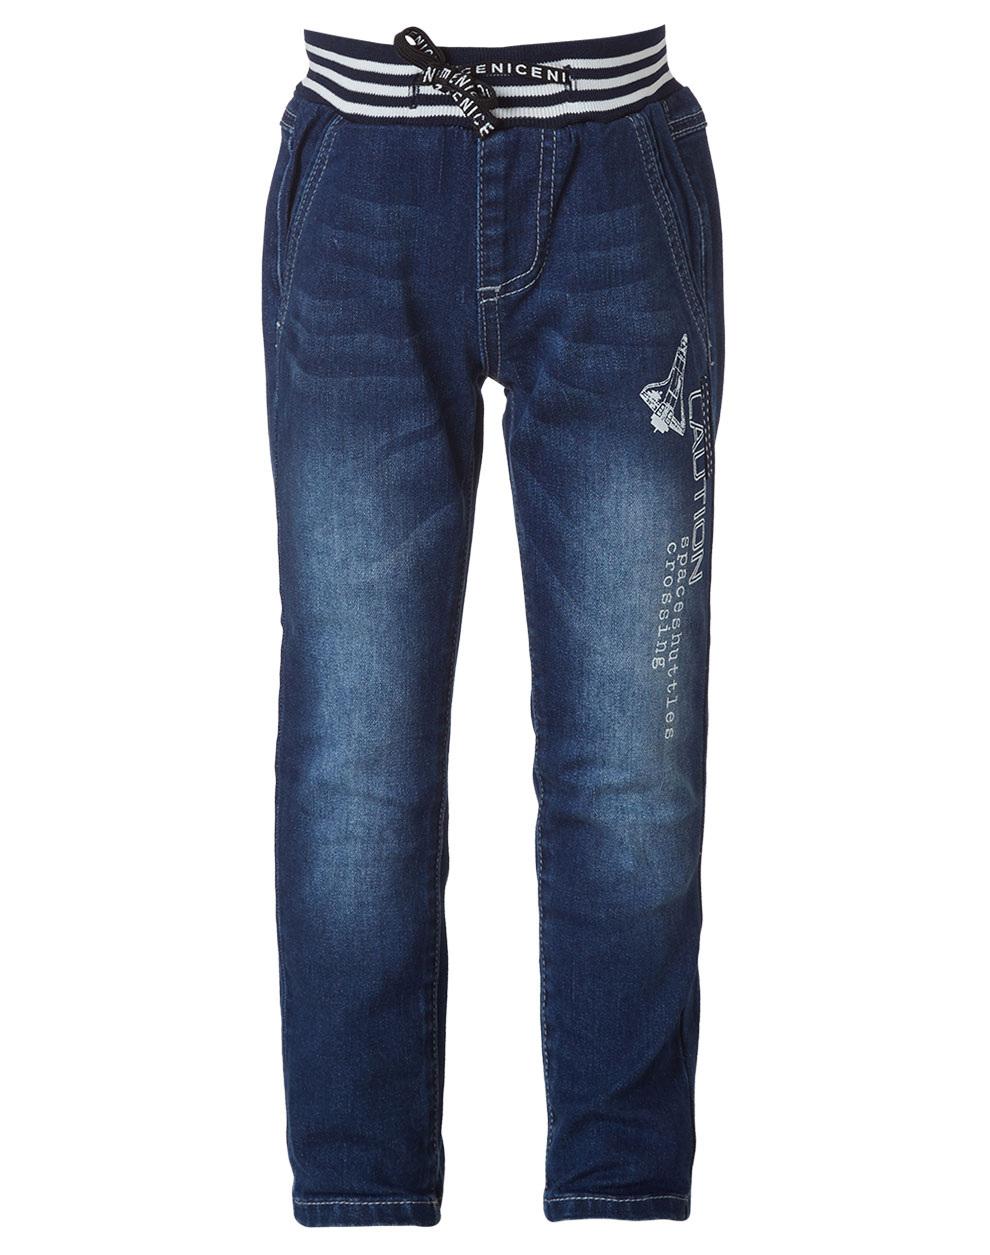 Ελαστικό βαμβακερό τζιν παντελόνι με λάστιχο στη μέση 12-119103-2 - ΜΠΛΕ ΤΖΗΝ - 15555-146/12/300/102